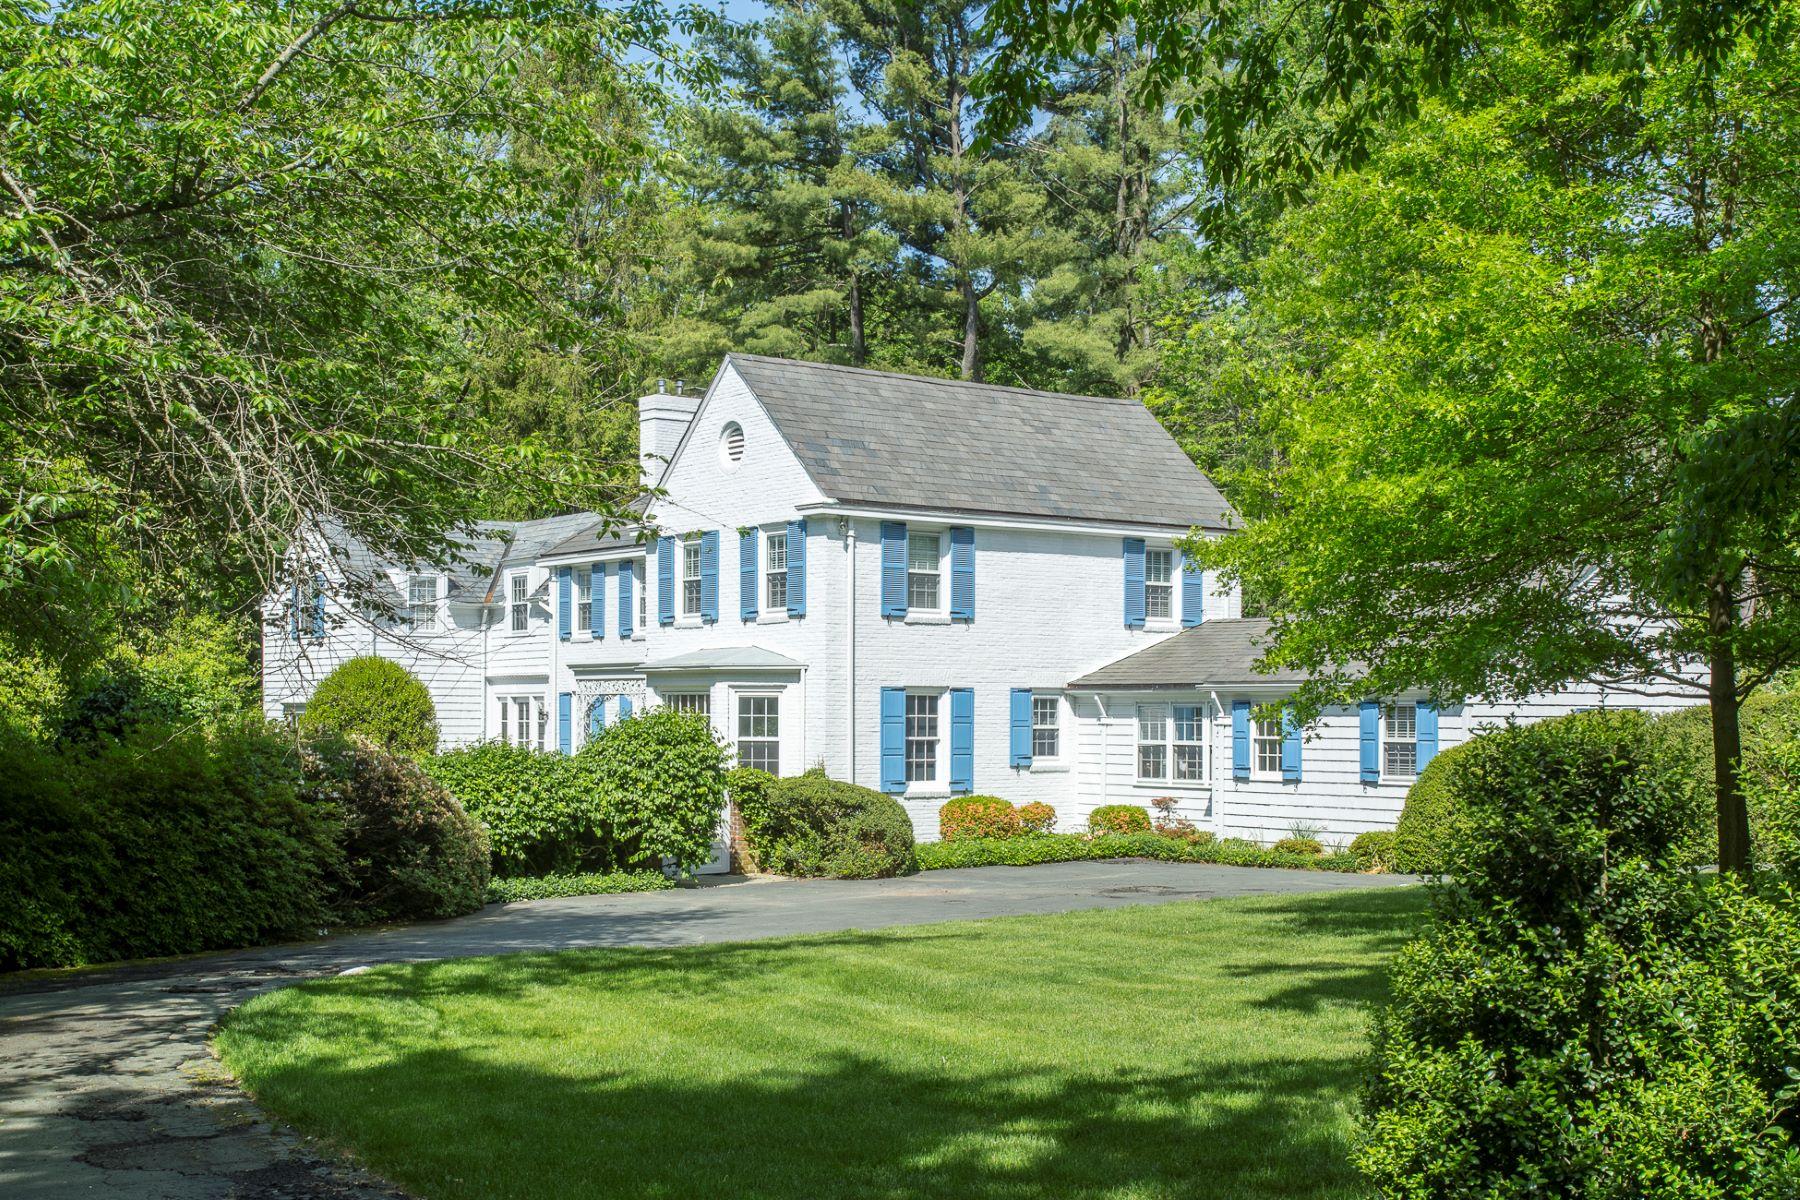 Tek Ailelik Ev için Satış at Handsome Institute Colonial Encircled by Gardens 100 Battle Road Circle Princeton, New Jersey, 08540 Amerika Birleşik Devletleri